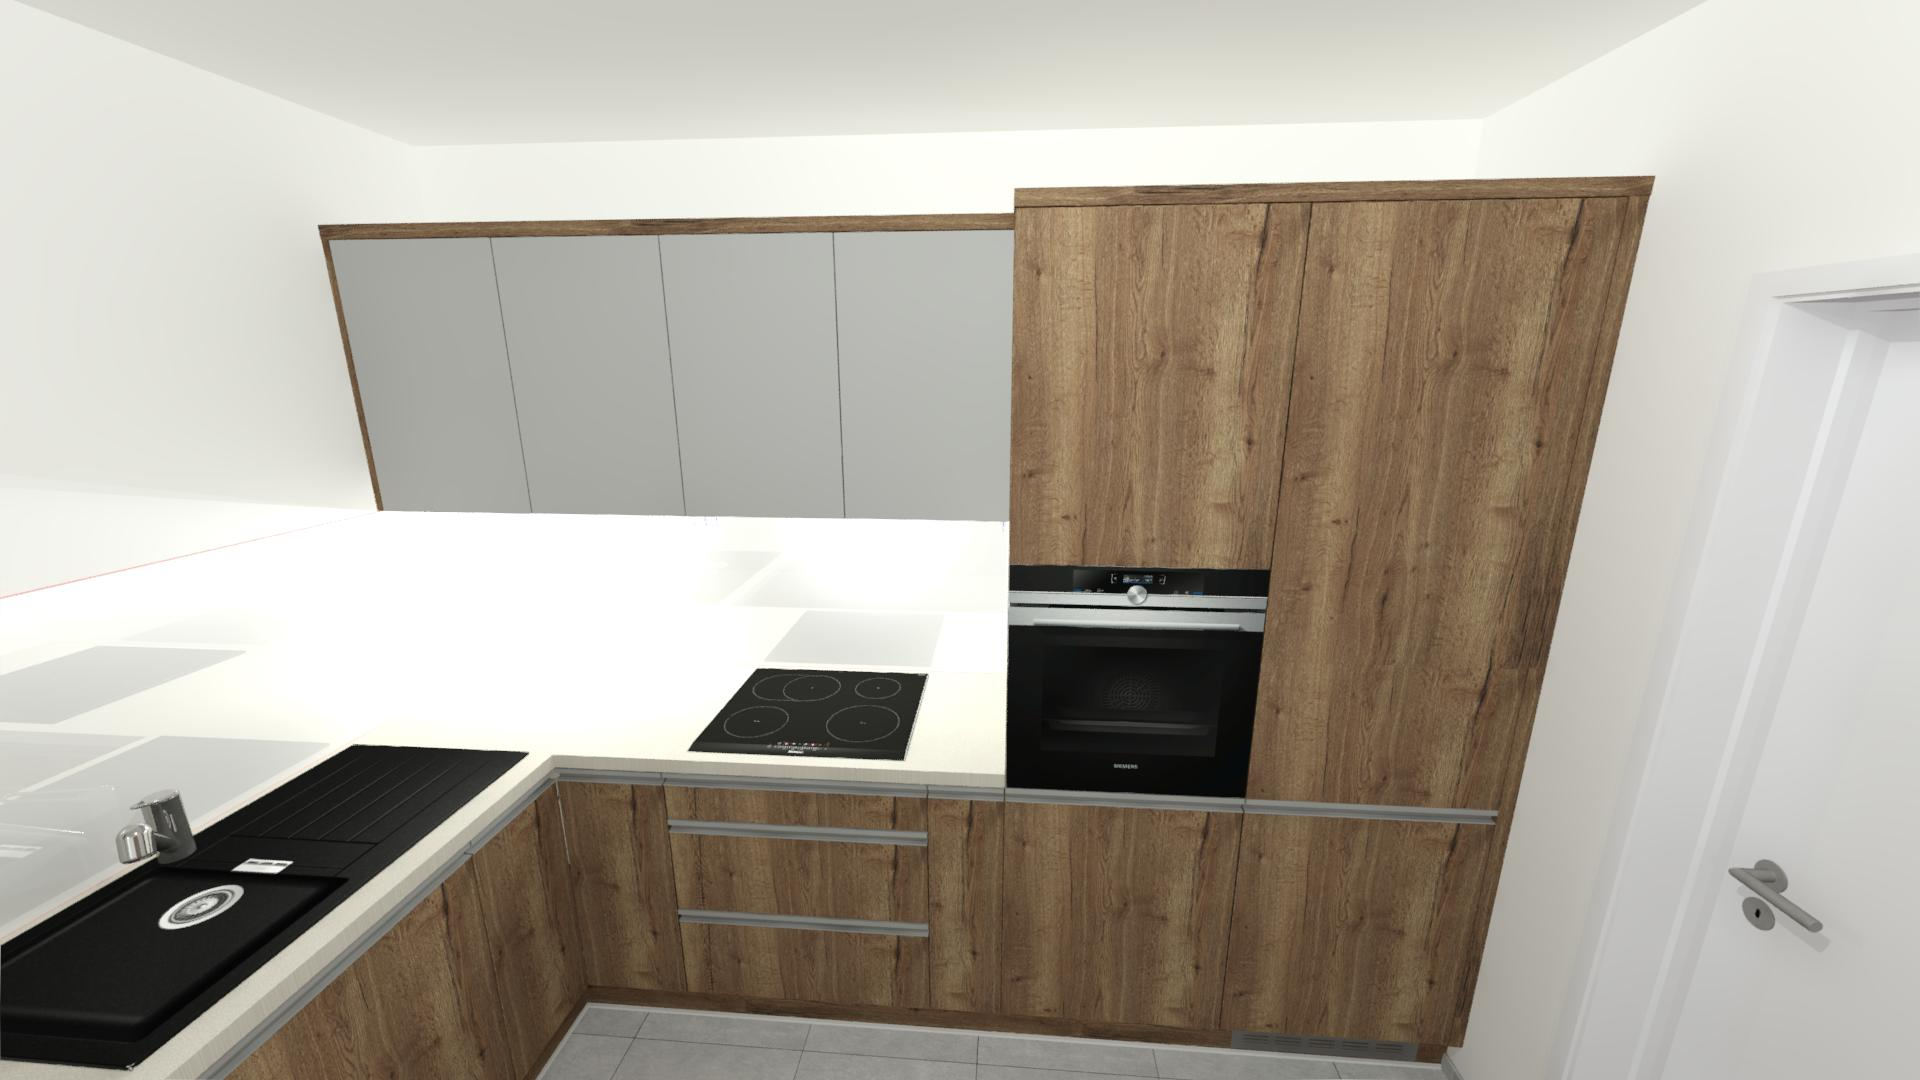 Kuchyně - Obrázek č. 2